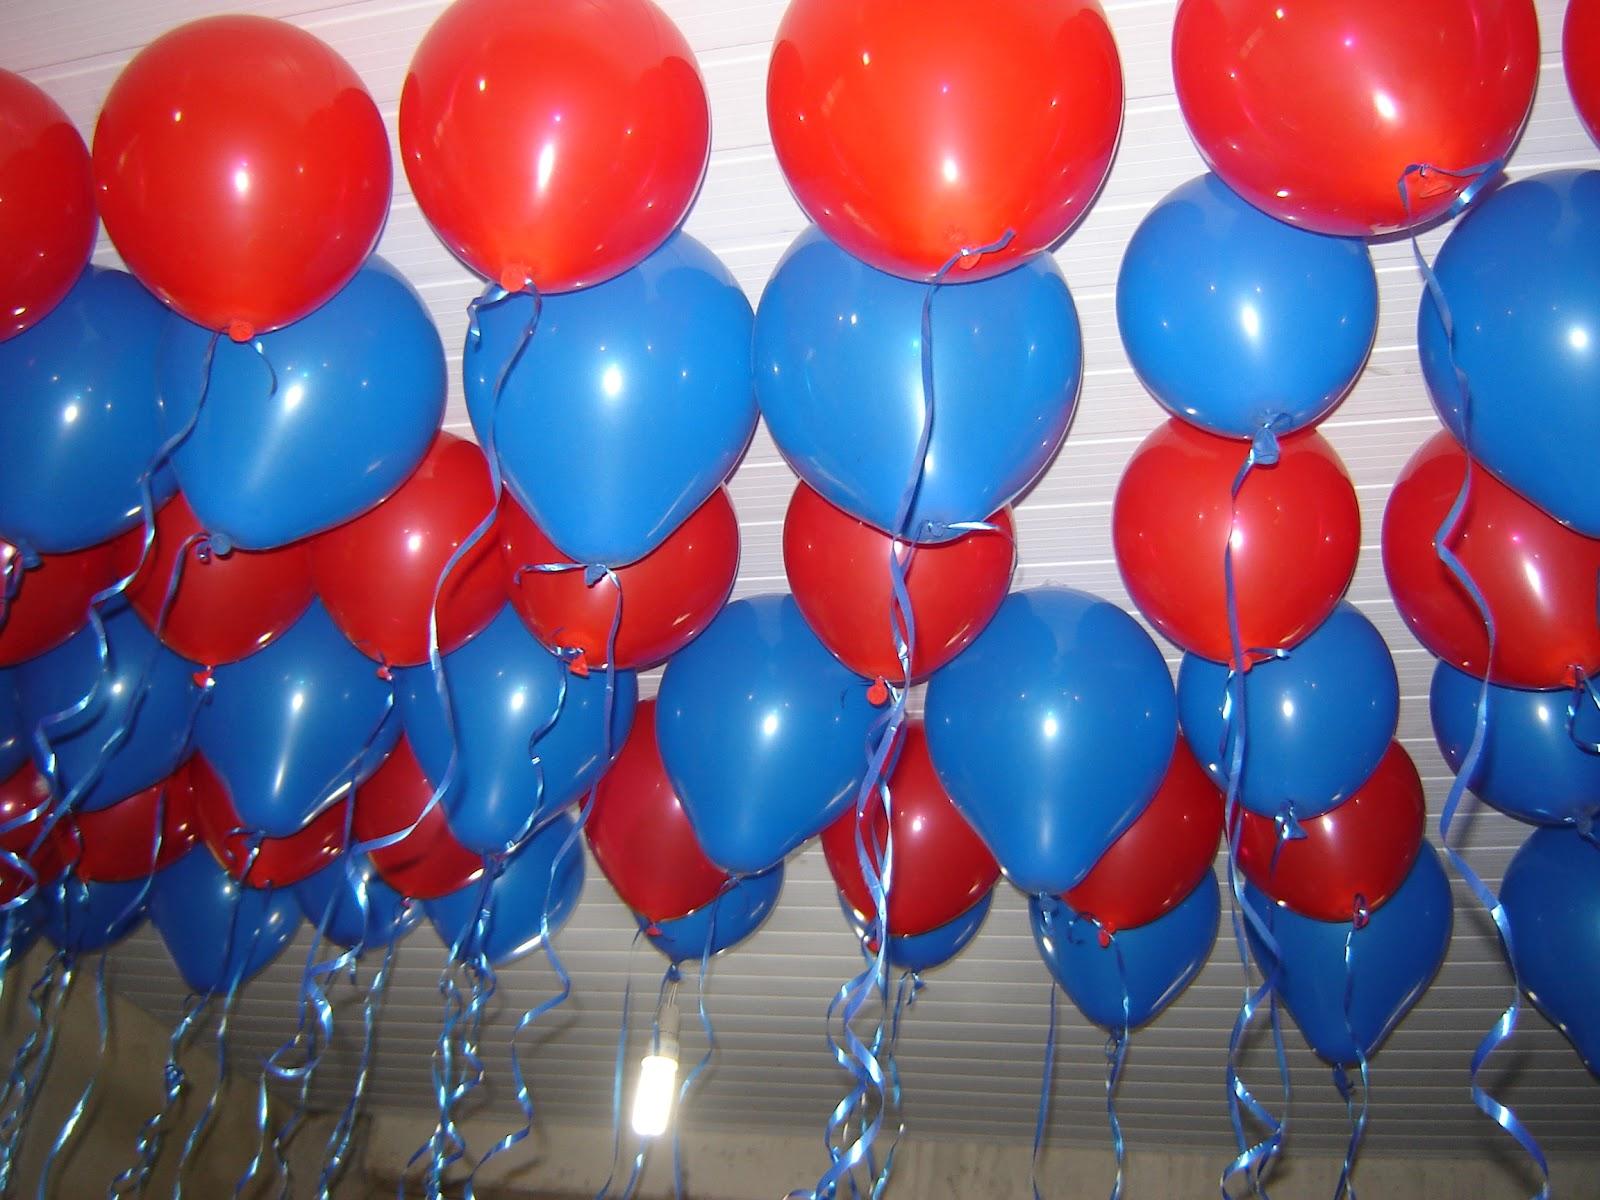 Priscila Arte Em Balões Decoração De Teto Com Fitilho